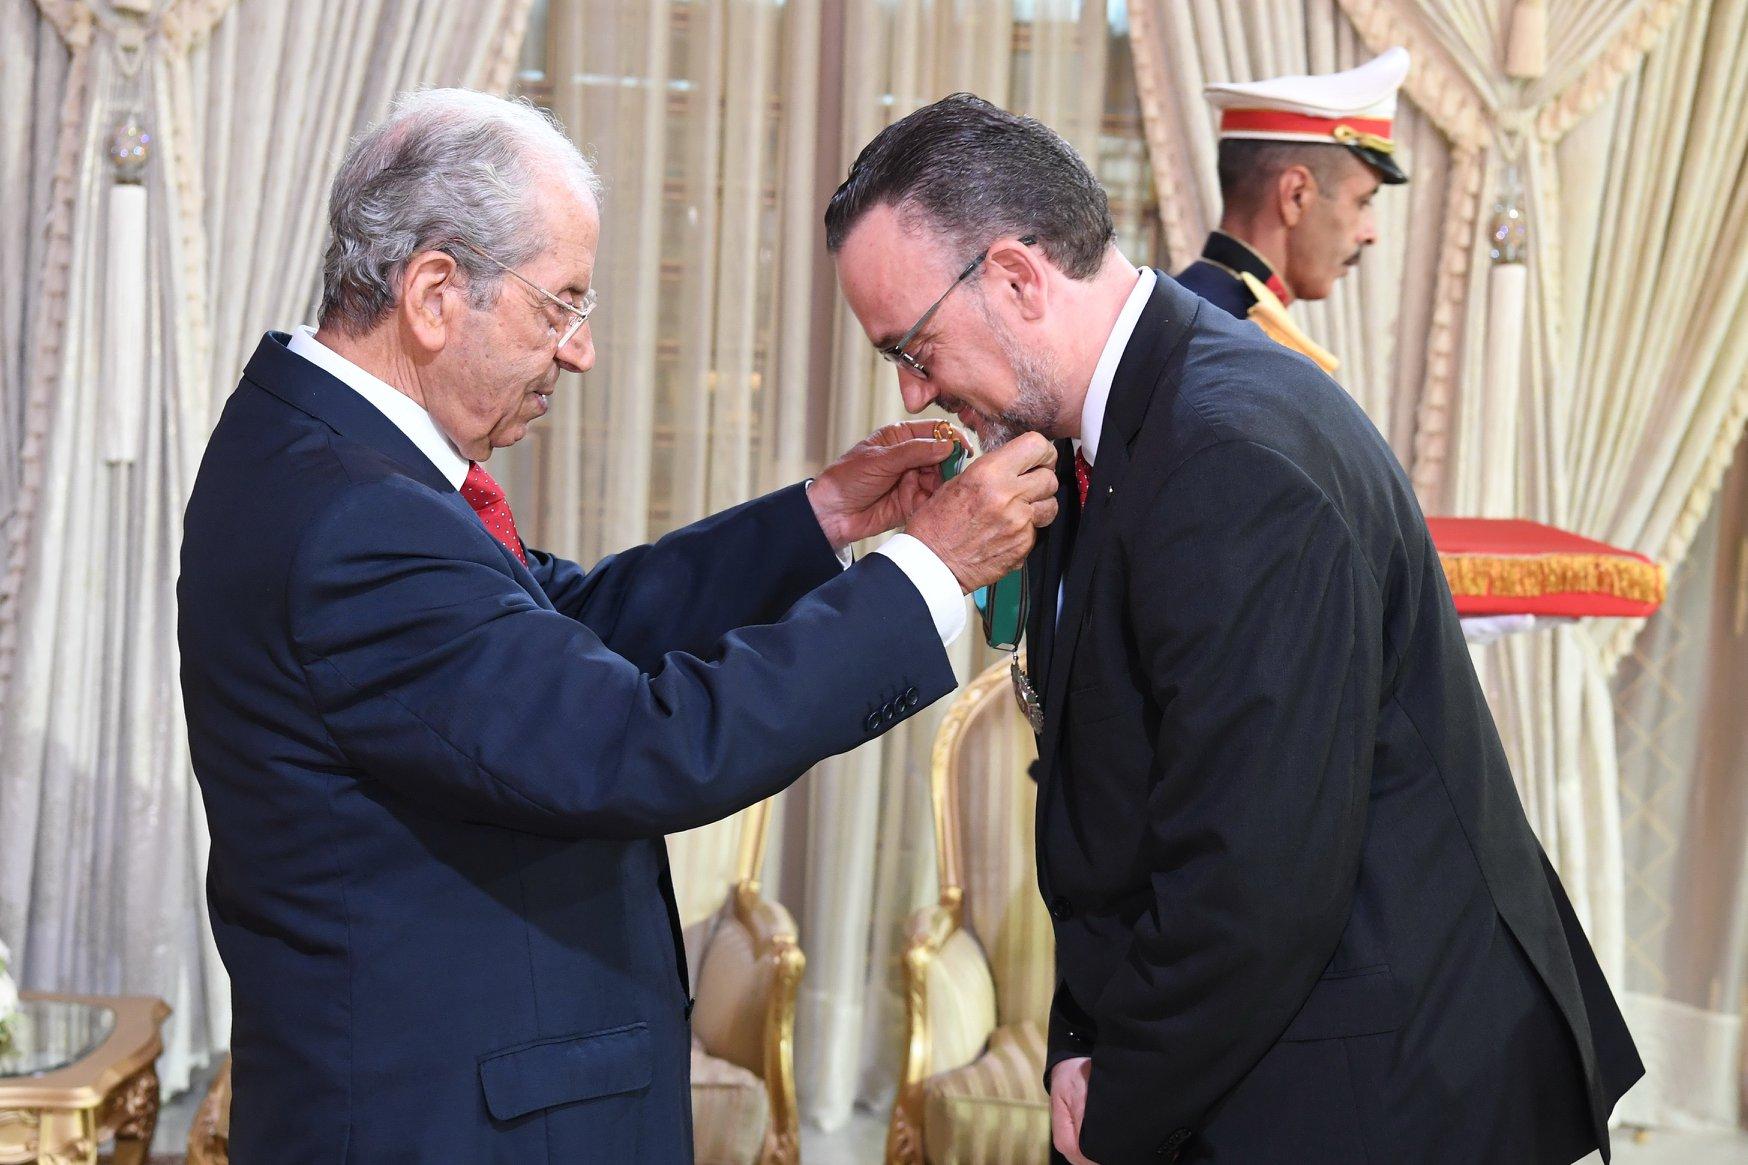 الناصر يمنح الصنف الثاني من وسام الجمهورية لرئيس مكتب البنك الأوروبي للاستثمار بتونس